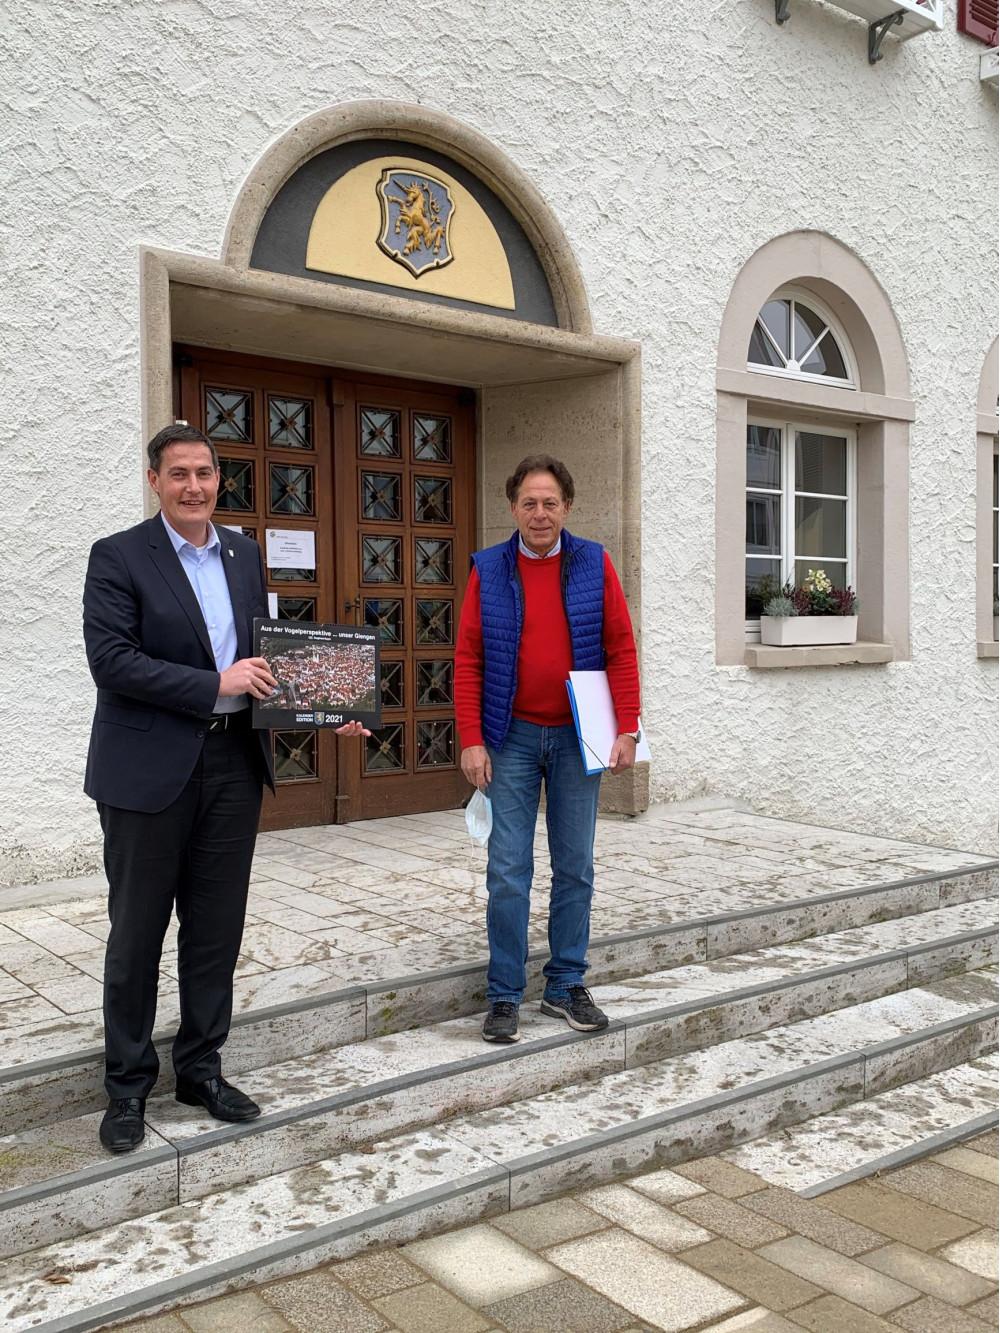 Kalenderübergabe von Herrn Geyer an OB Dieter Henle